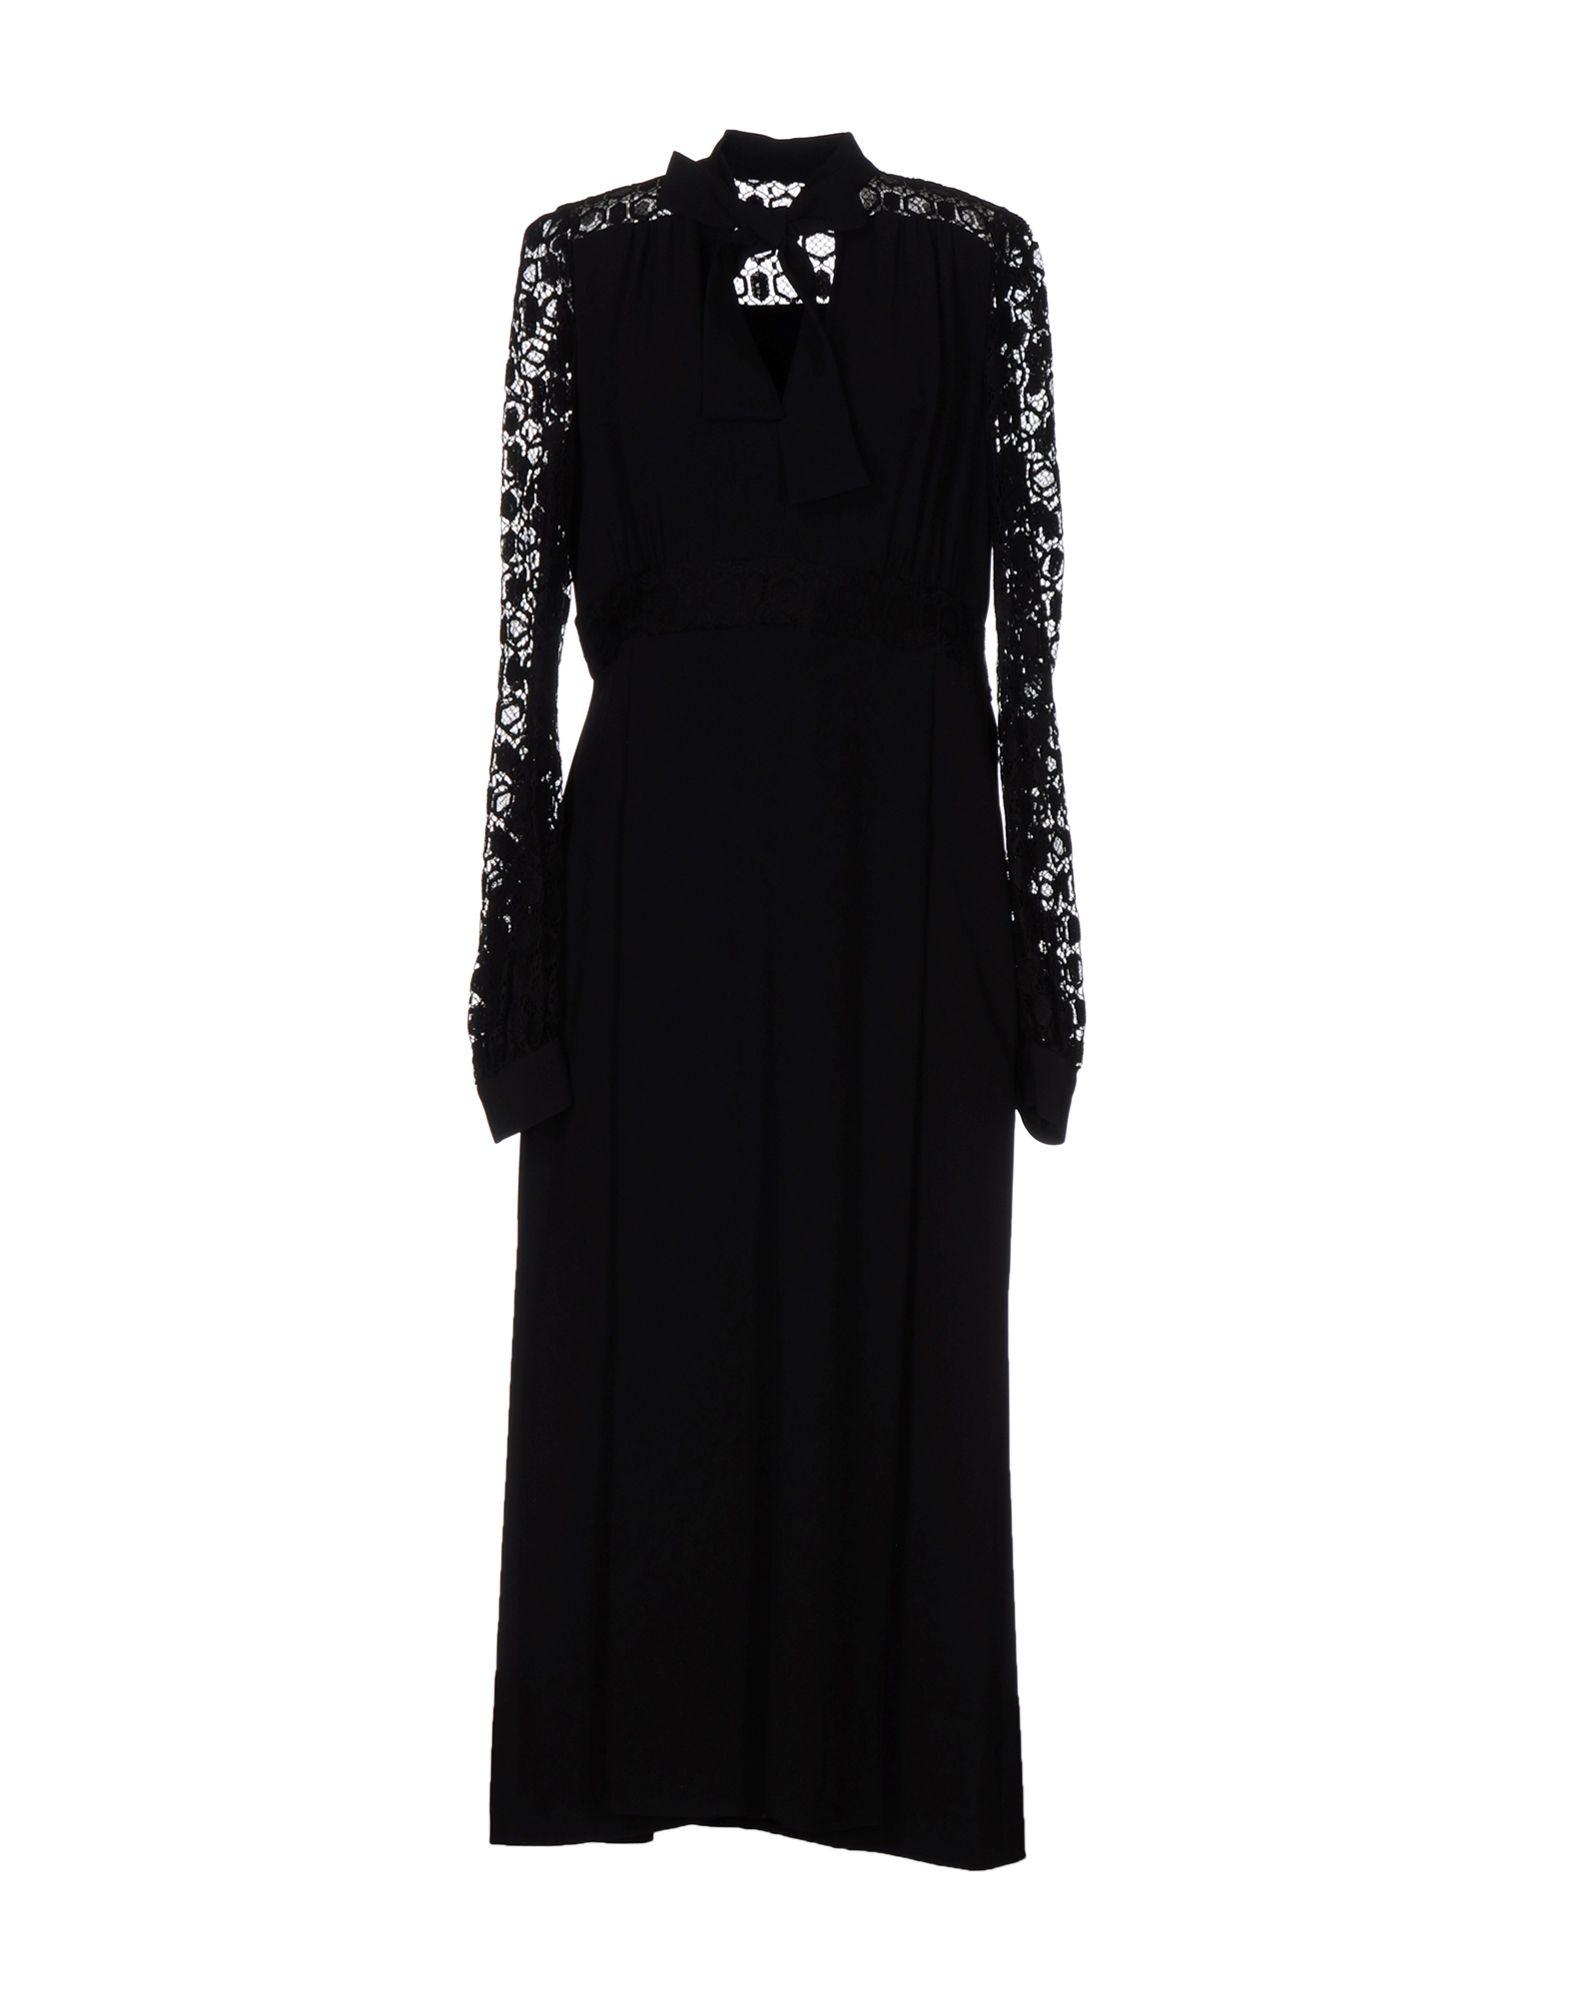 ELIE SAAB Платье длиной 3/4 вечернее платье mermaid dress vestido noiva 2015 w006 elie saab evening dress